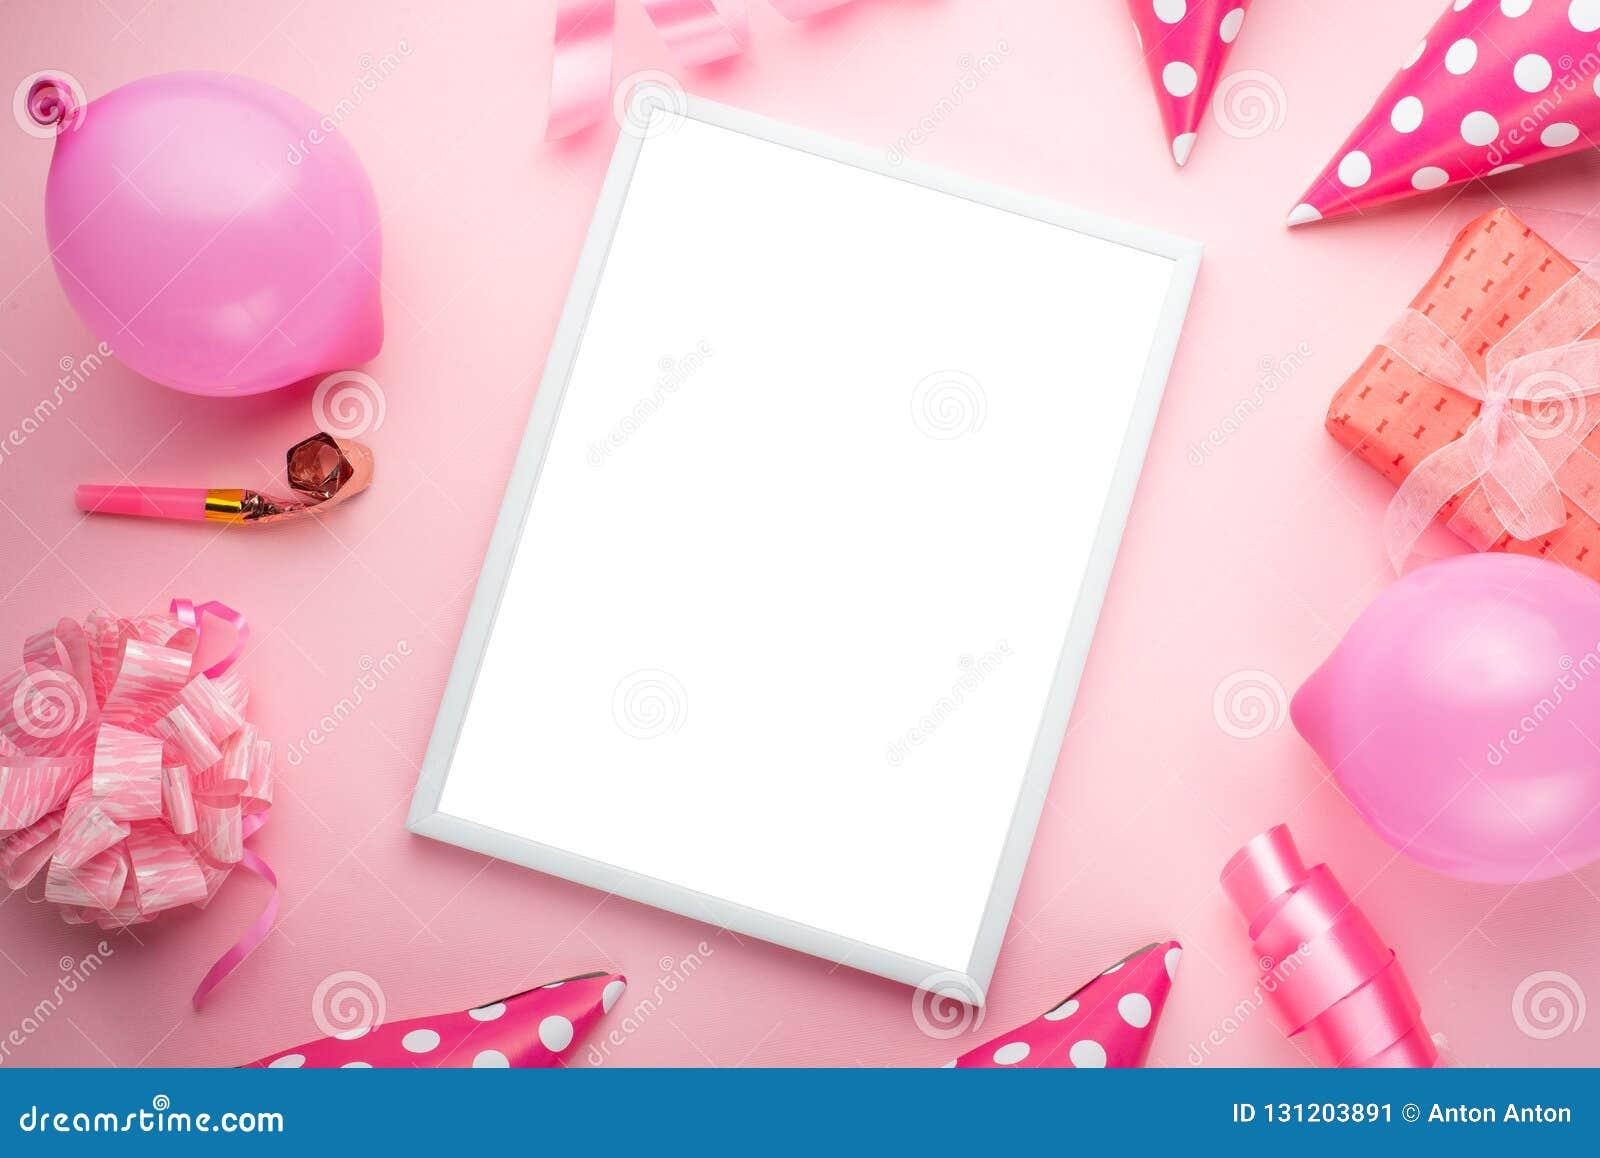 Zusätze für Mädchen auf einem rosa Hintergrund Einladung, Geburtstag, Mädchenjahrepartei, Babypartykonzept, Feier Mit Rahmen für